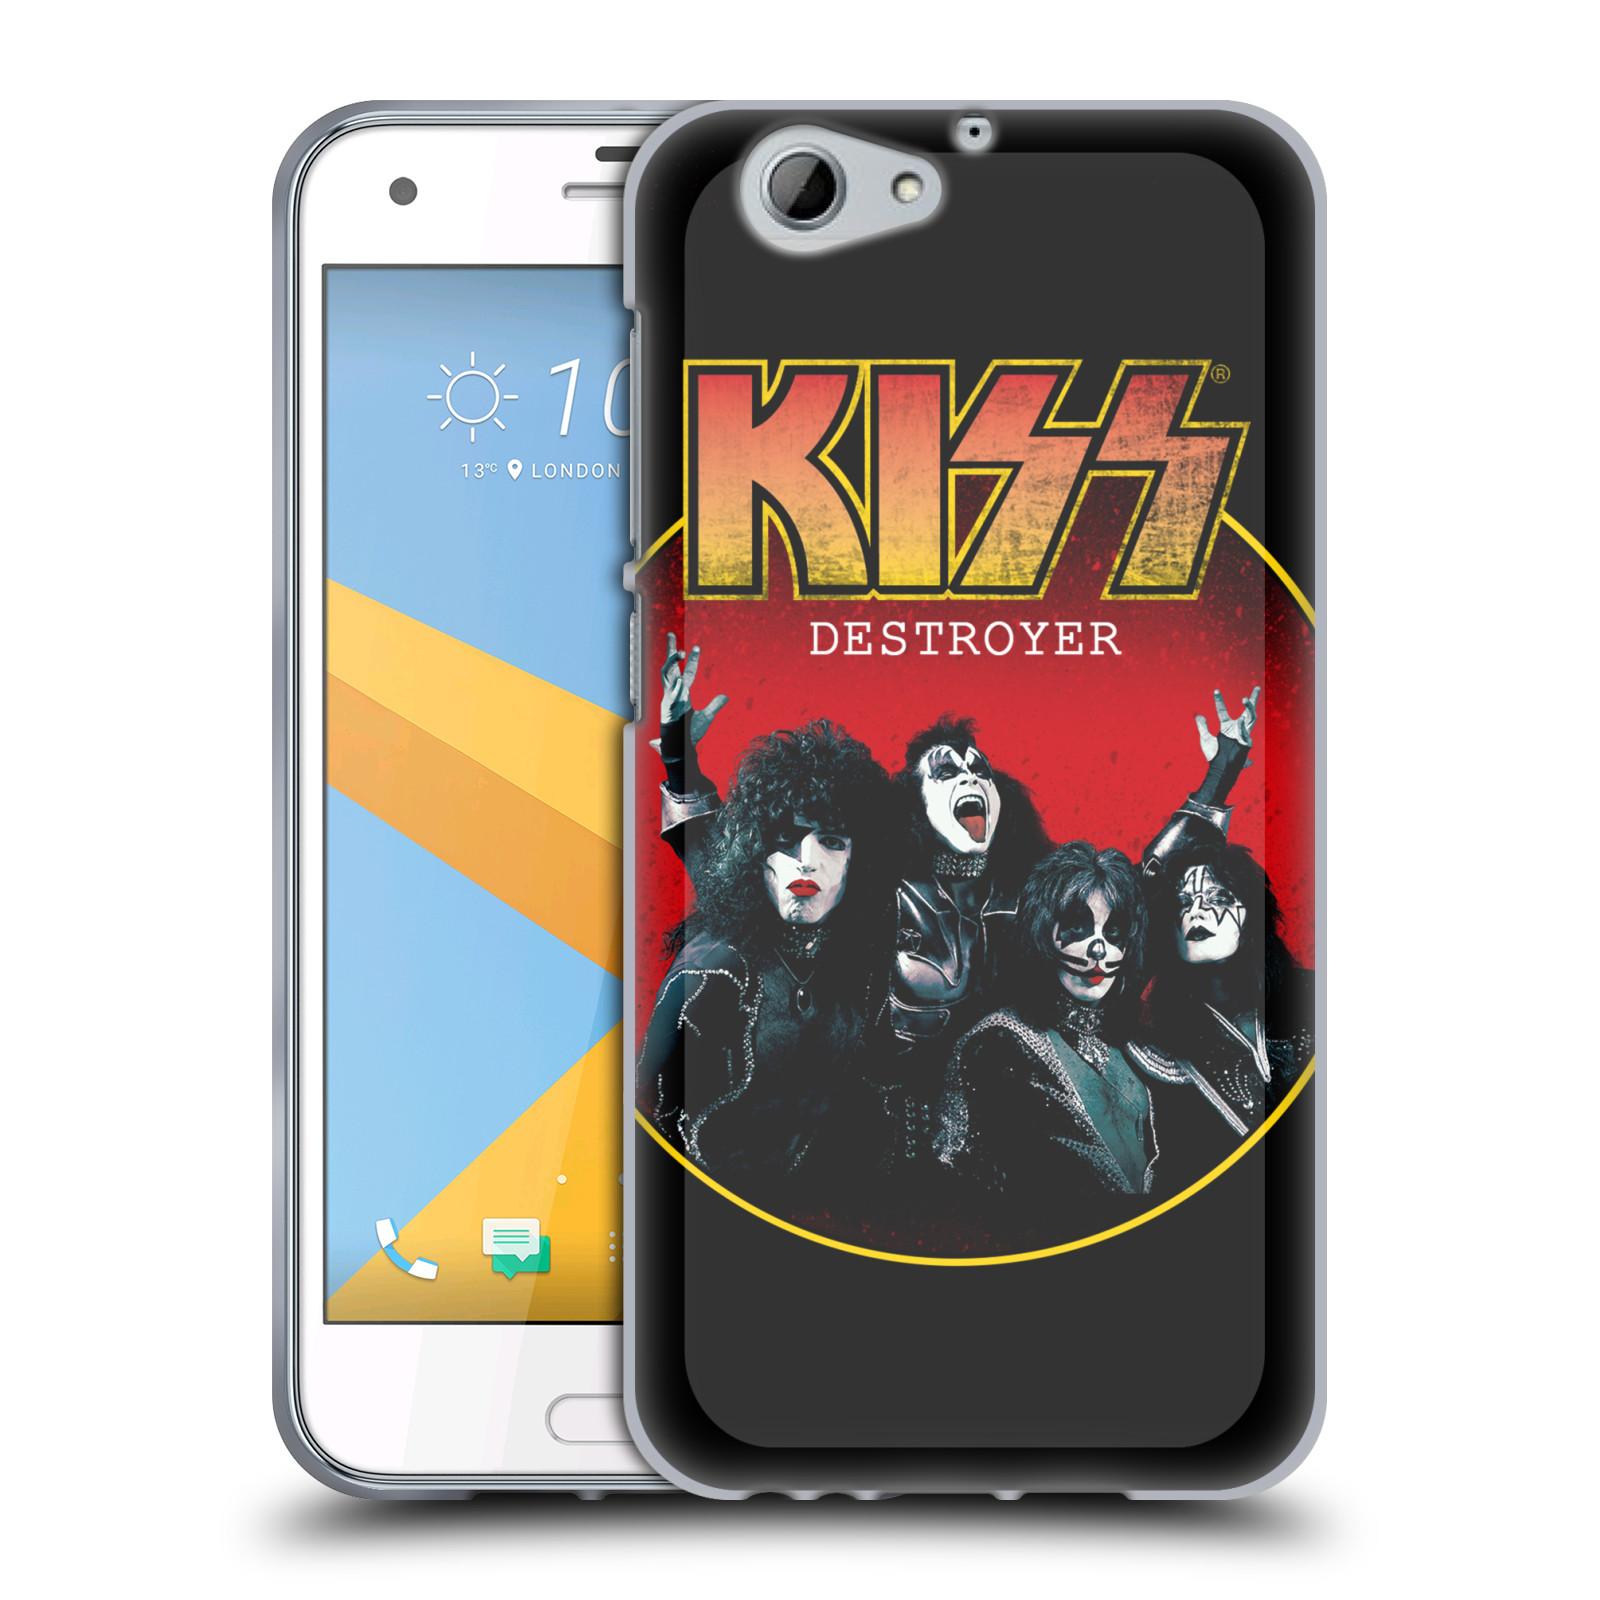 Silikonové pouzdro na mobil HTC One A9s Head Case - Kiss - Destroyer (Silikonový kryt či obal na mobilní telefon s licencovaným motivem Kiss pro HTC One A9s (A9 s))